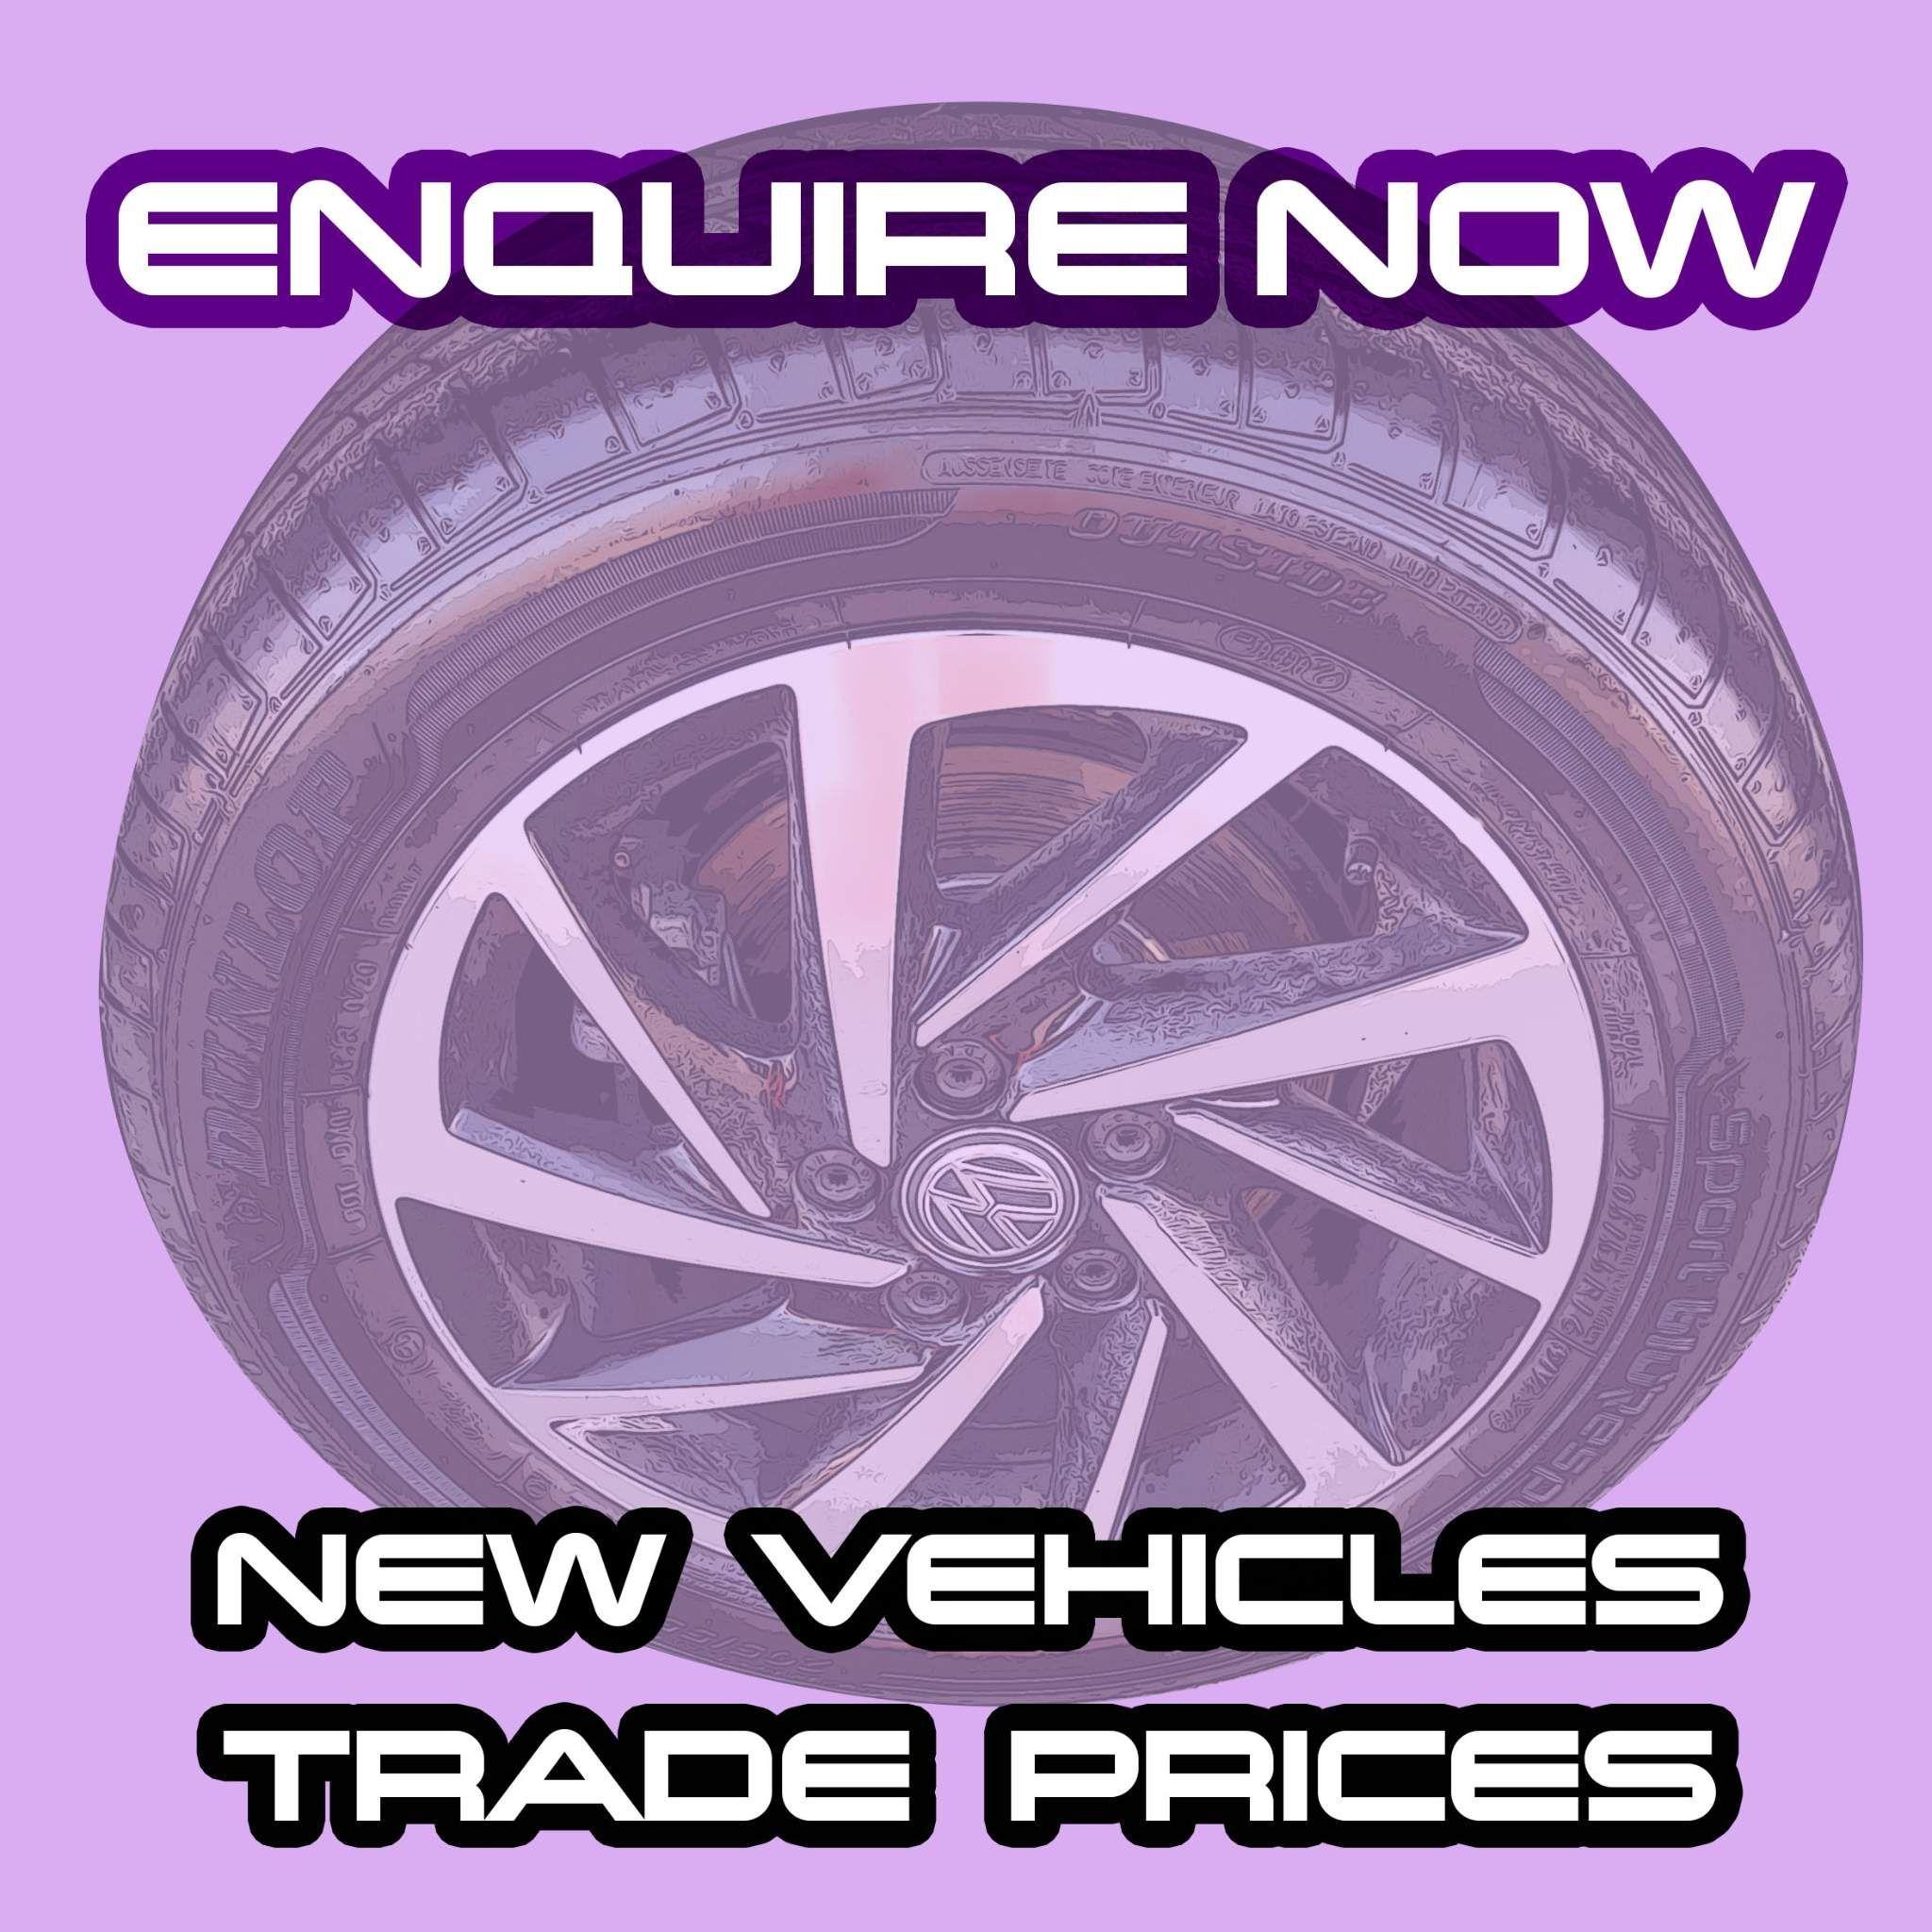 Vauxhall Vivaro 2.0 Turbo Crew VanCrew Van EU6 For Sale